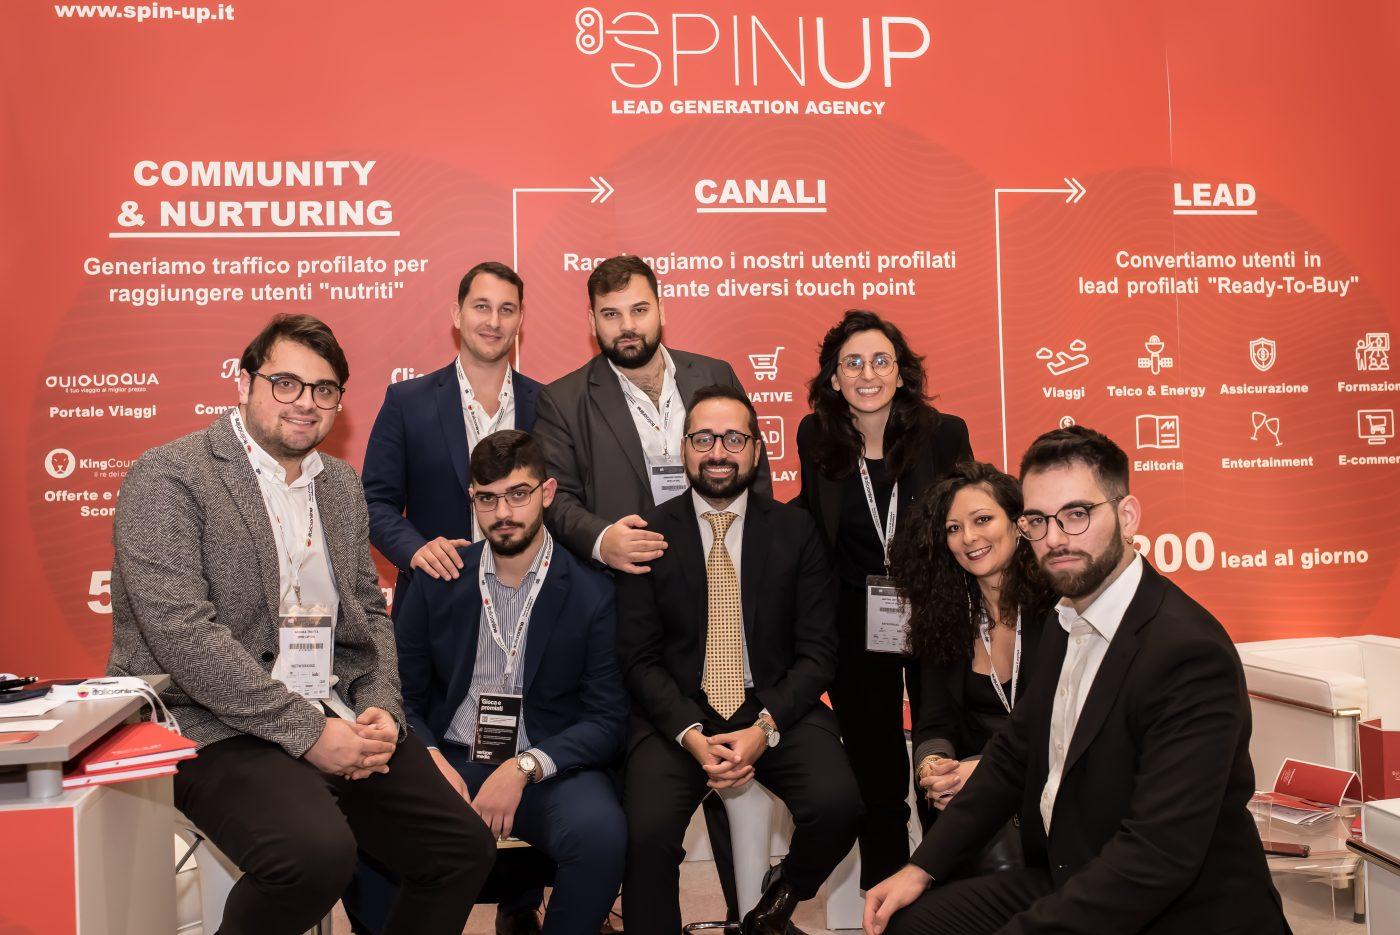 SpinUp formazione digitale